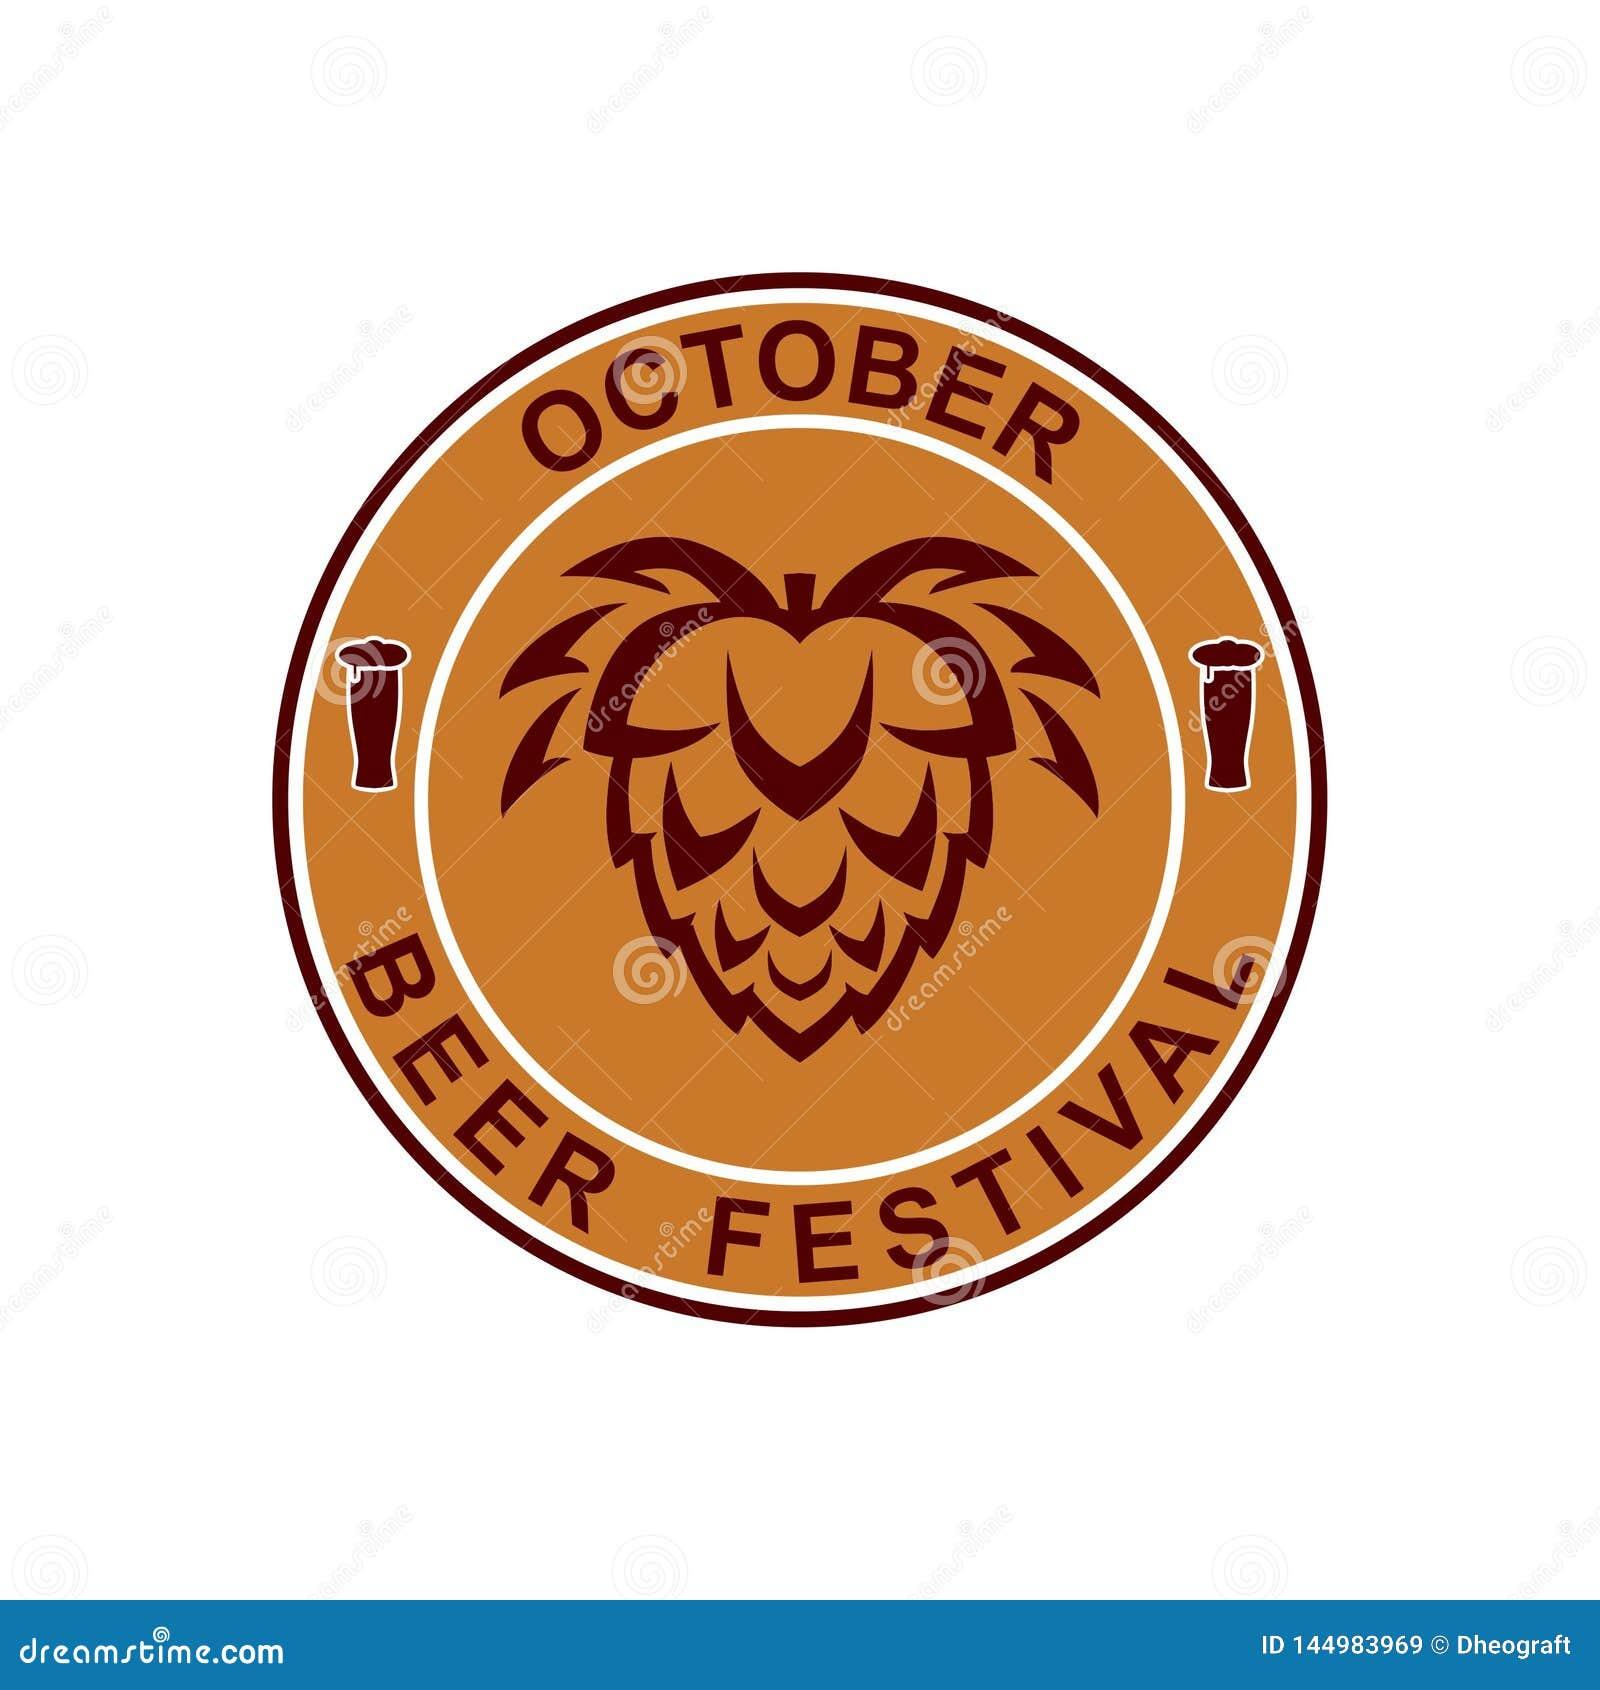 Brebaje Fest-octubre